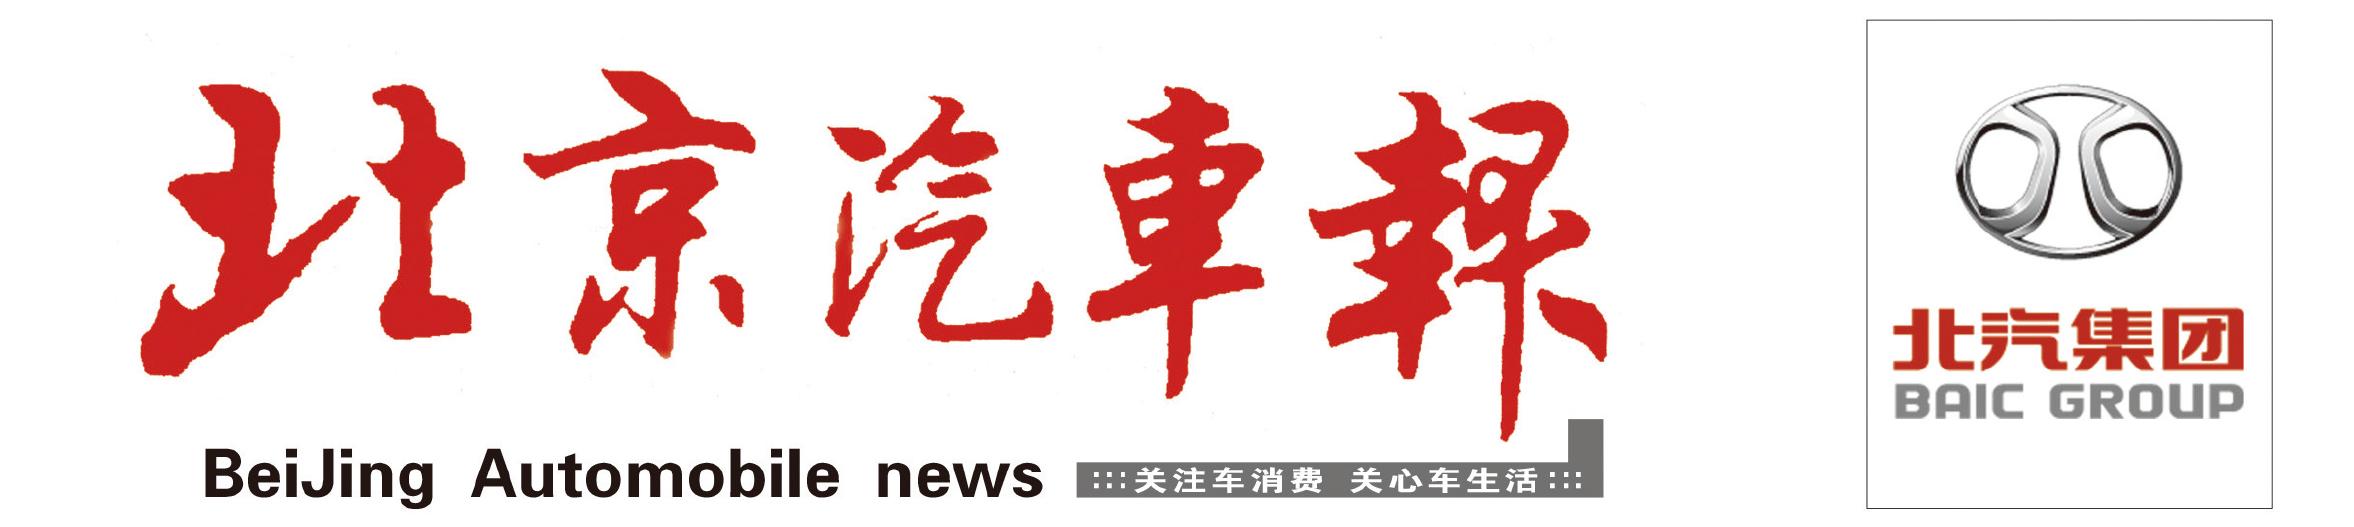 北京汽车报 电子书制作软件